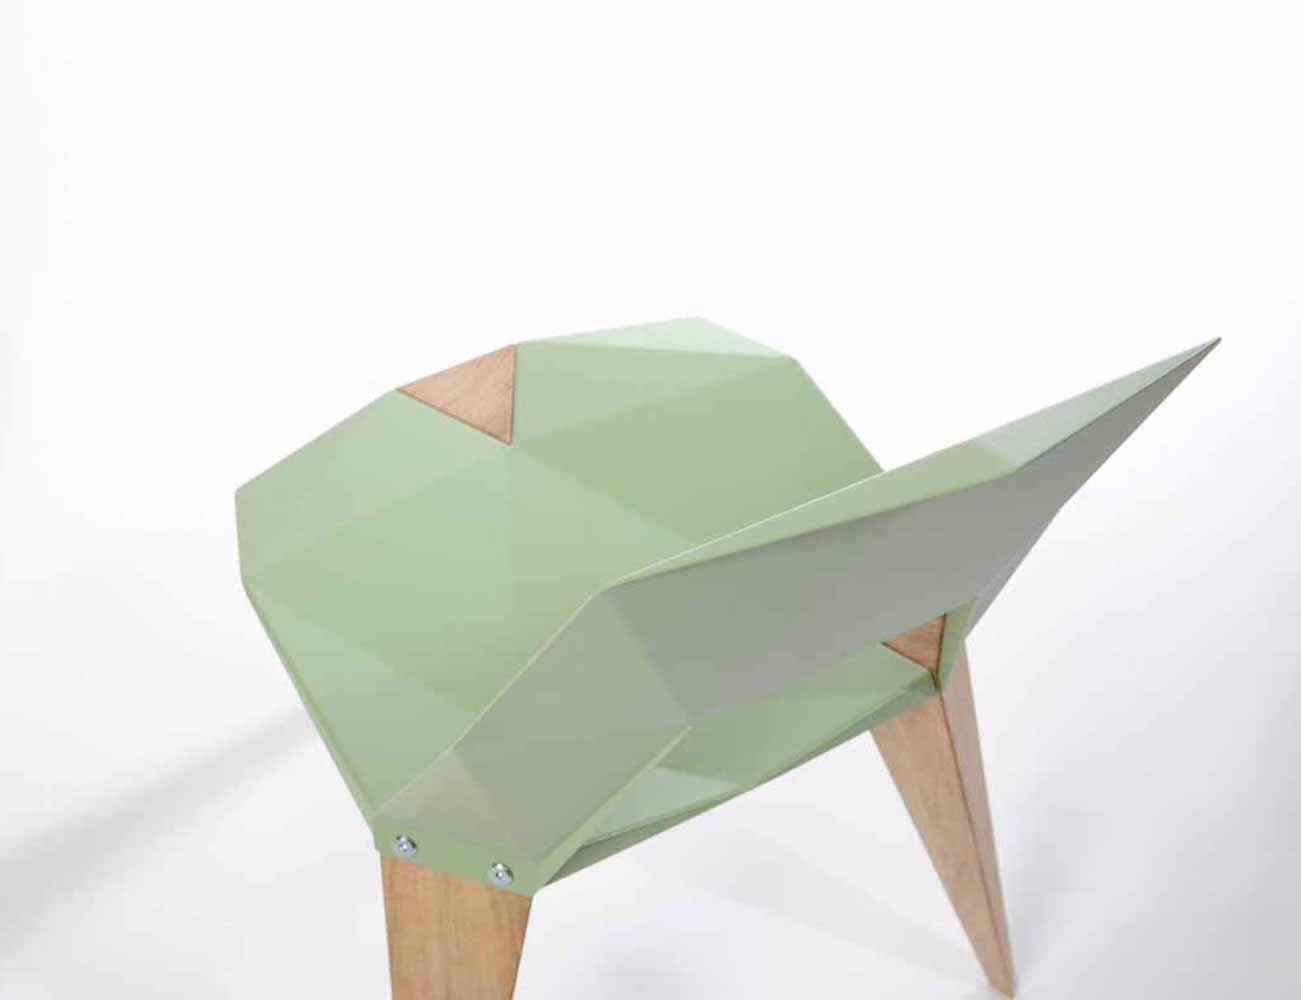 pythagoras-chair-by-sander-mulder-03